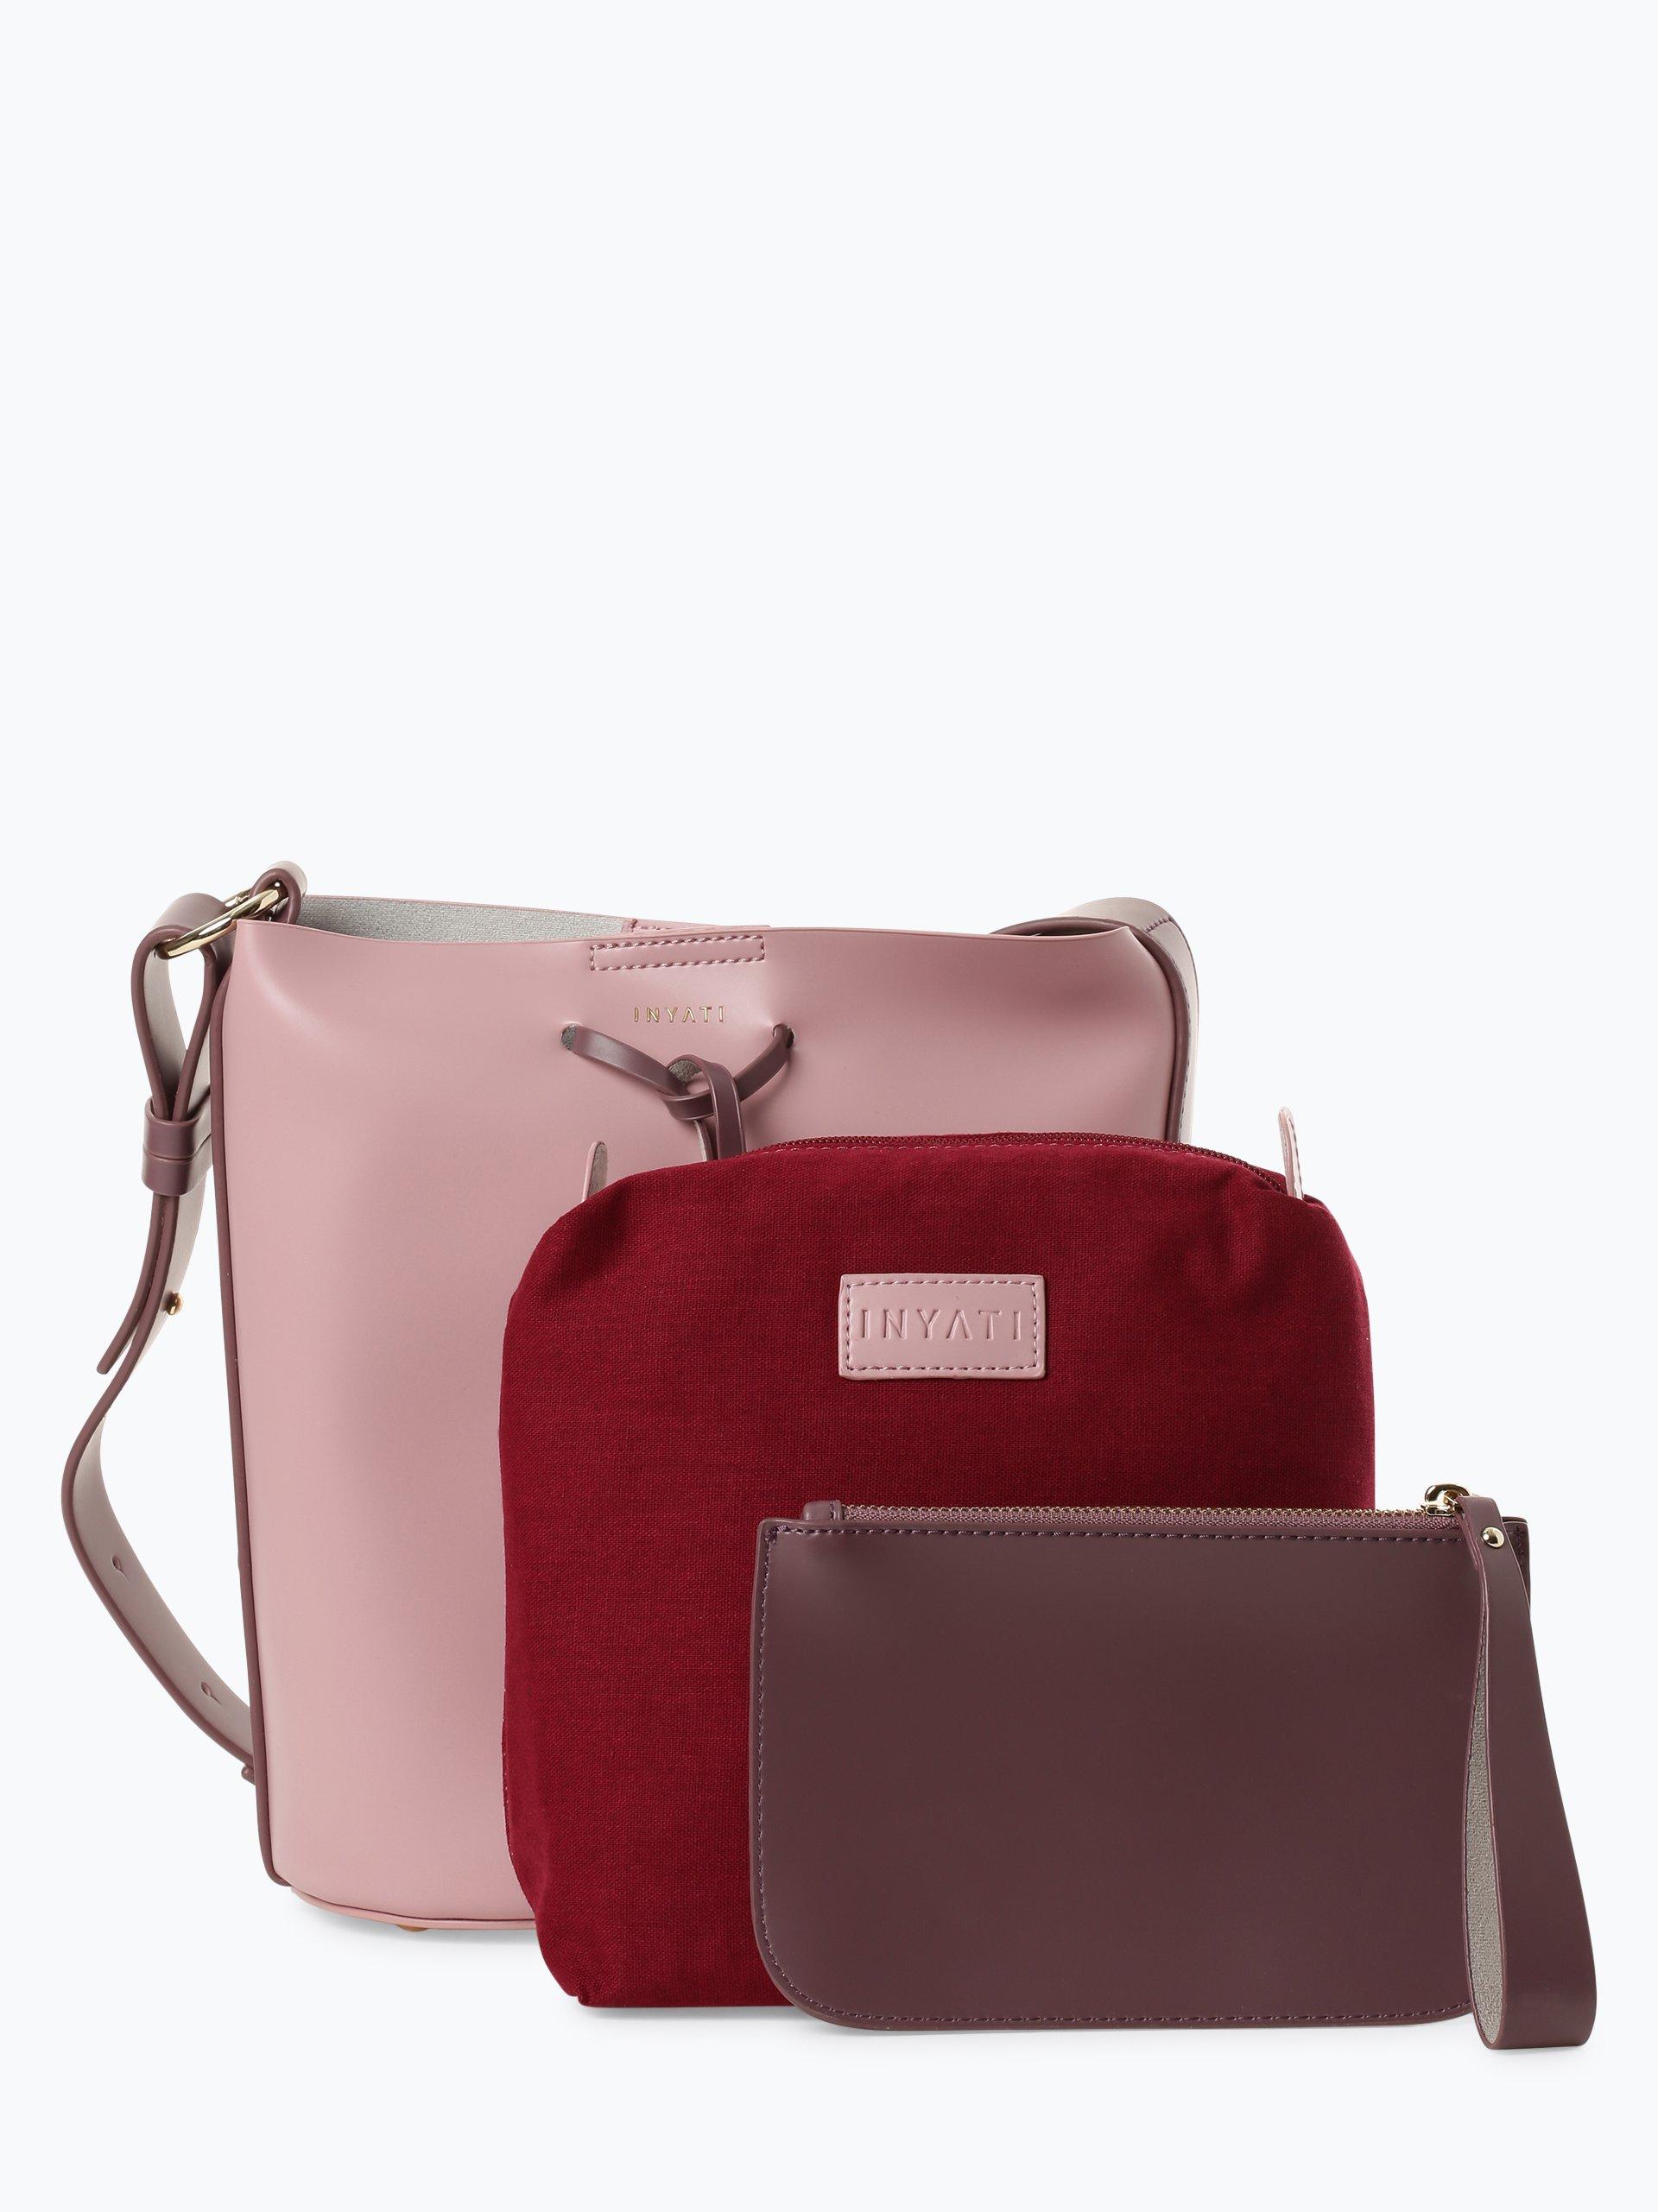 db3a0dfc54cd3 Inyati Damen Tasche - Nora online kaufen